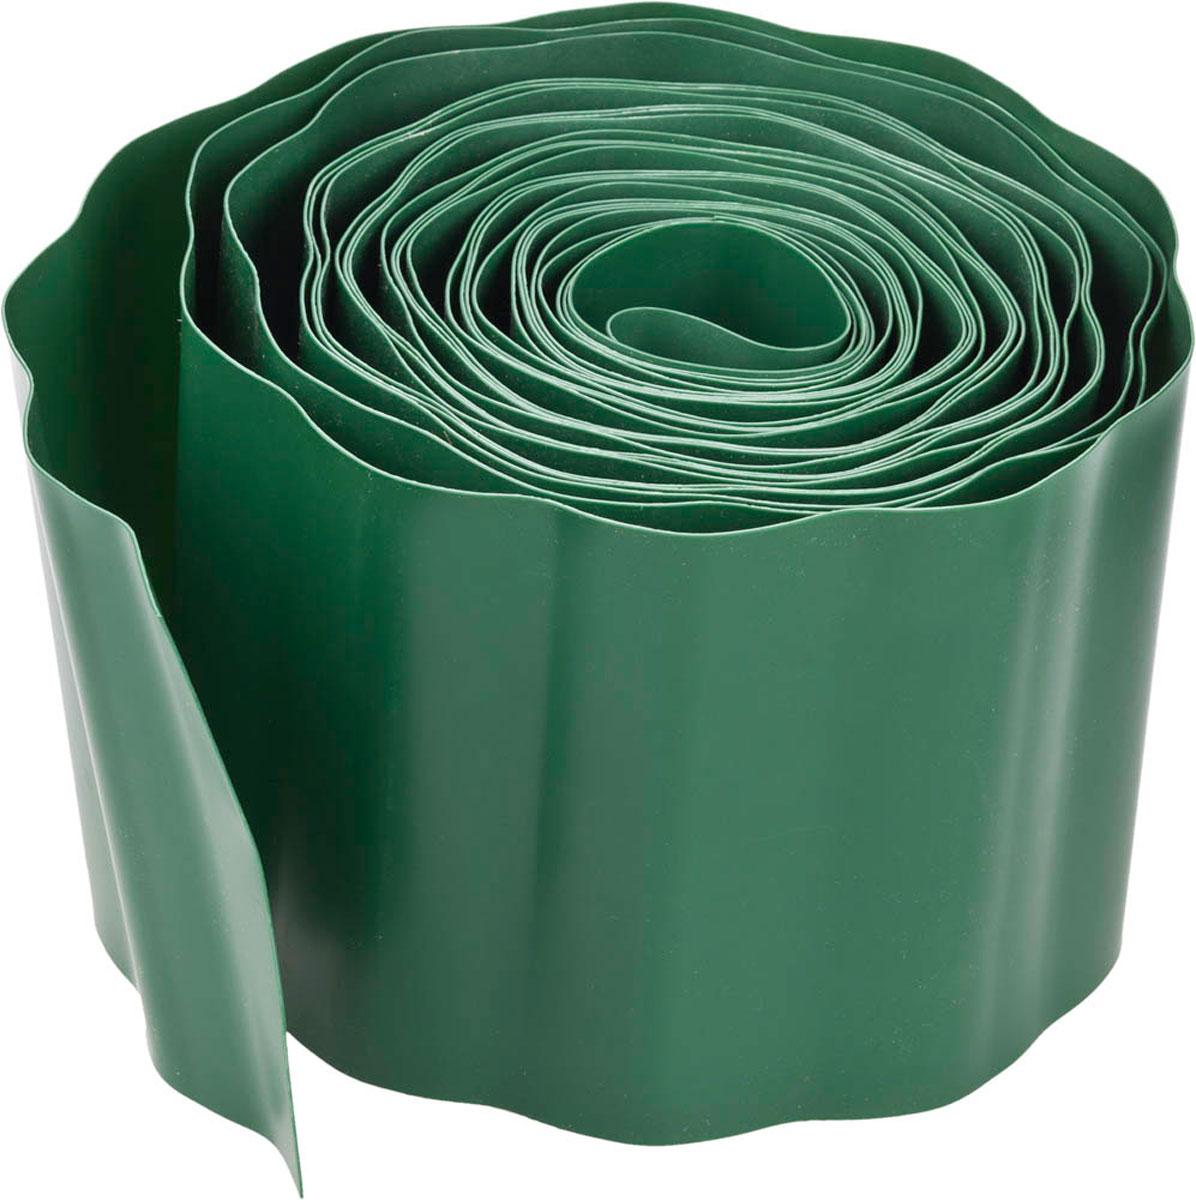 цена на Лента бордюрная Grinda, цвет: зеленый, 15 см х 9 м